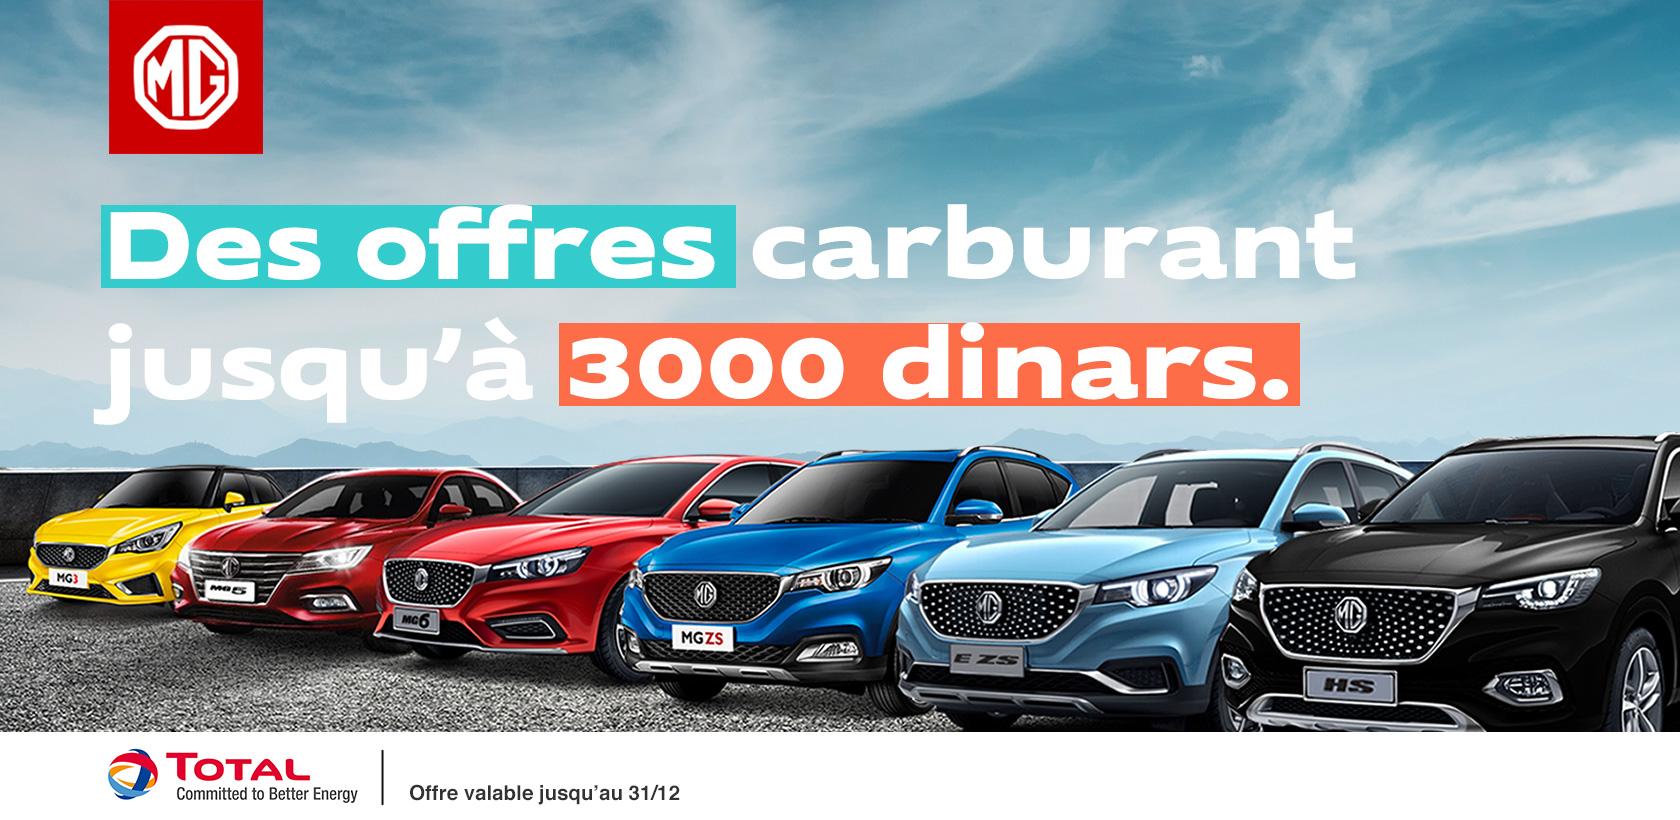 Des Offres carburant jusqu'à 3000 DT chez MG Motors Tunisie